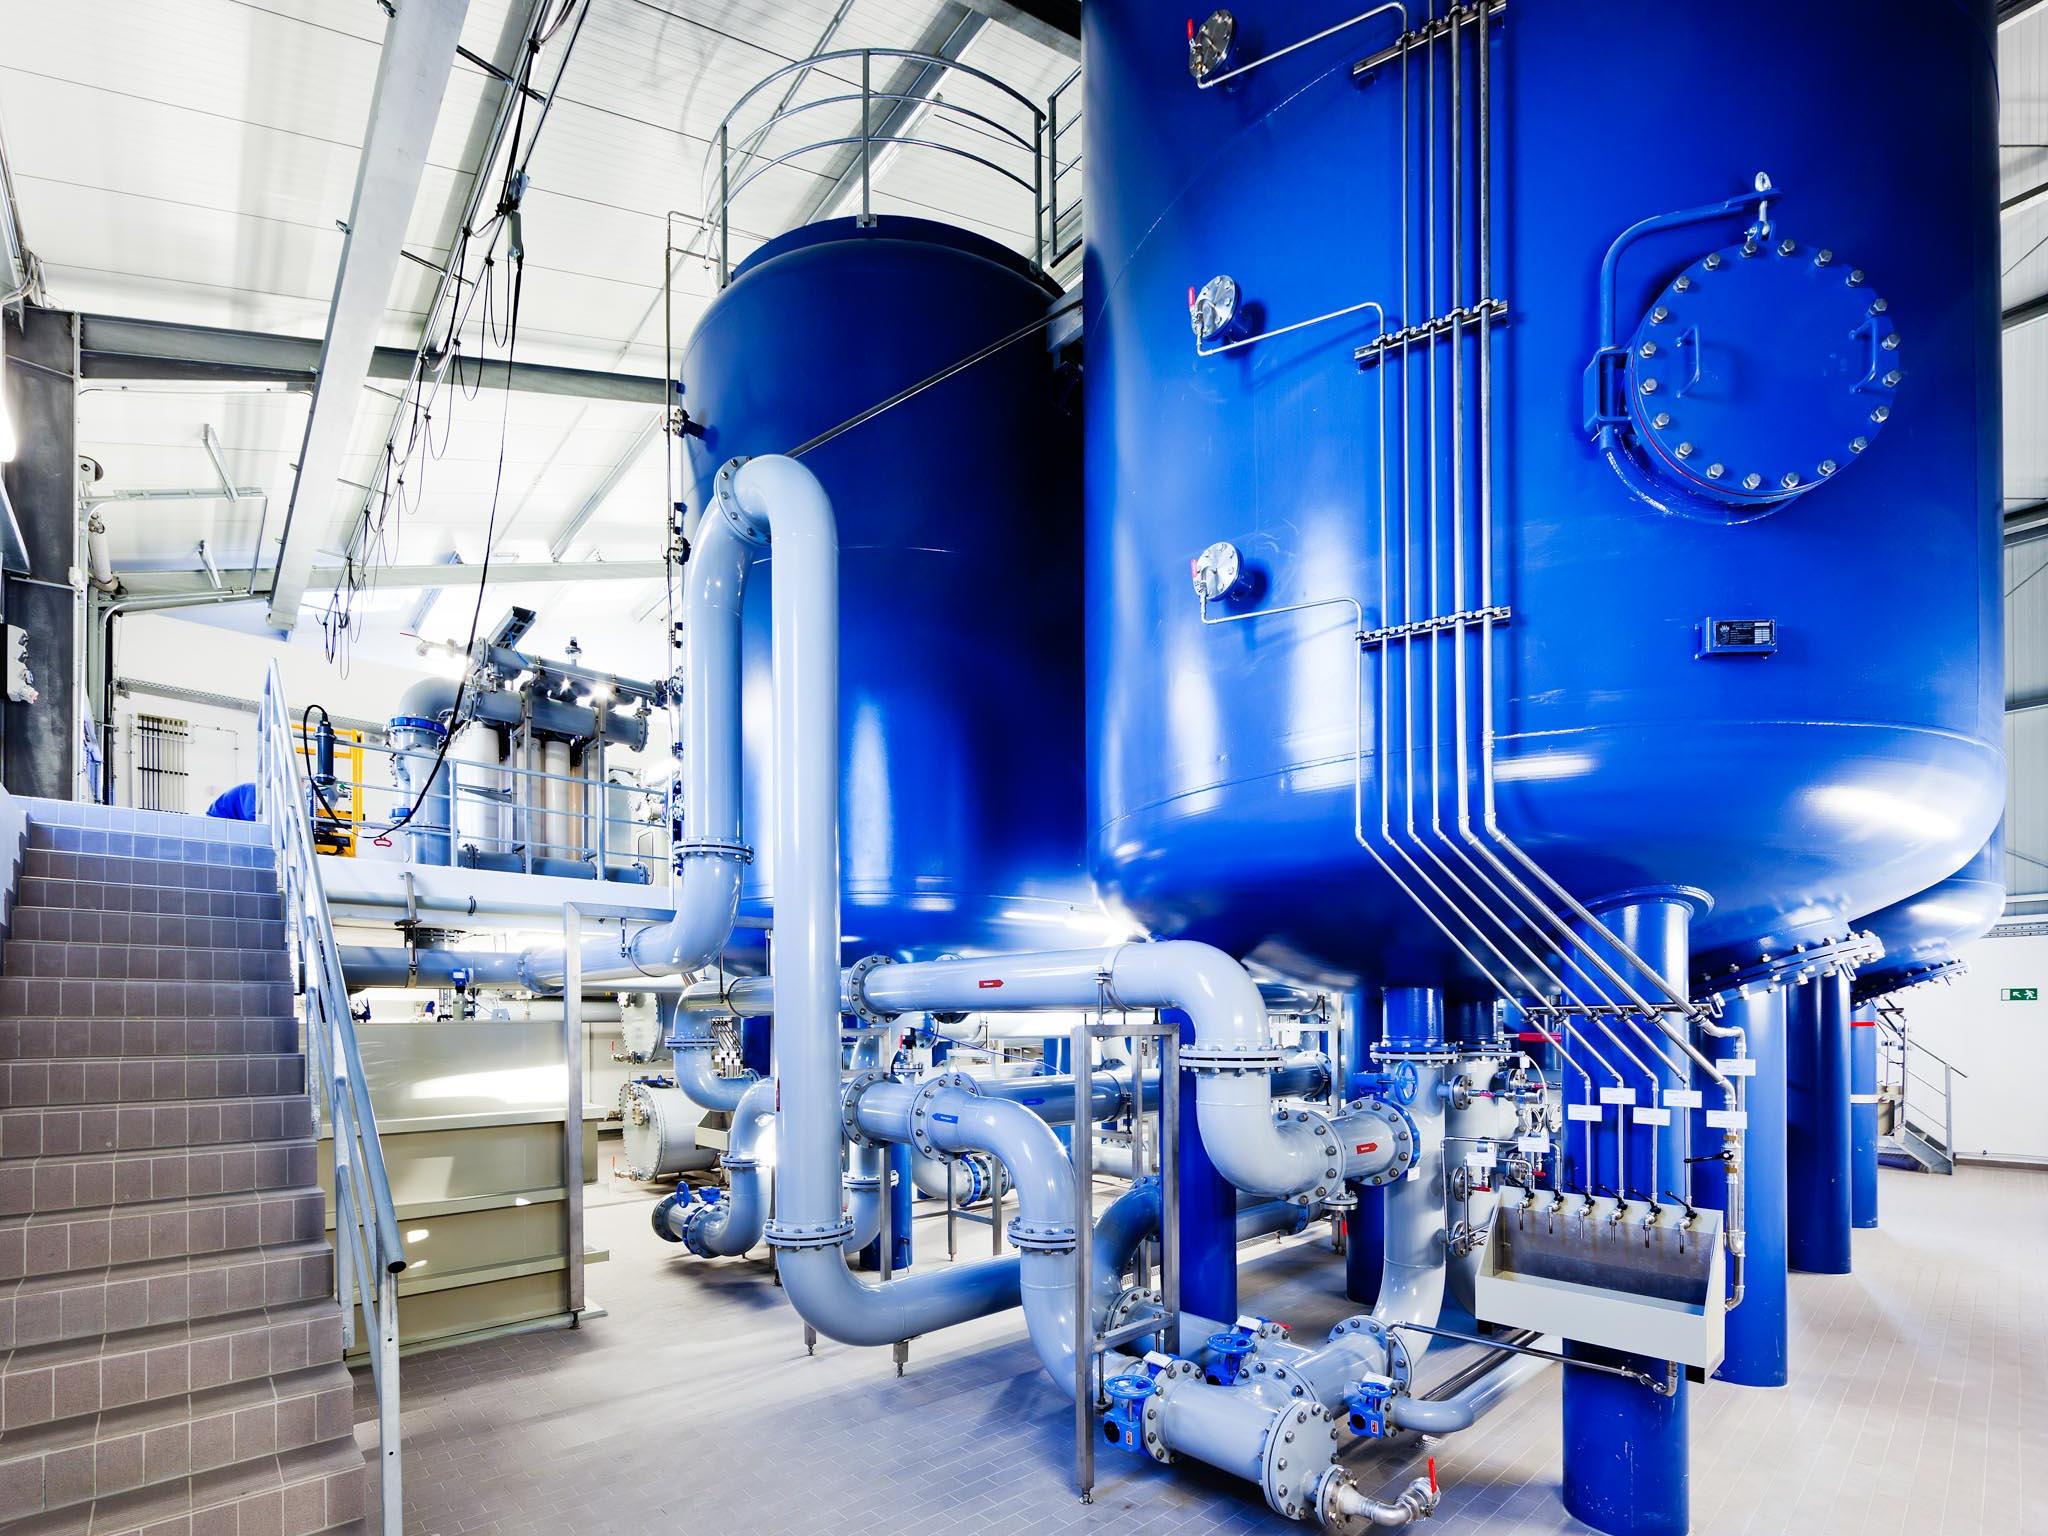 Wassertank eines Hausversorgungssystems